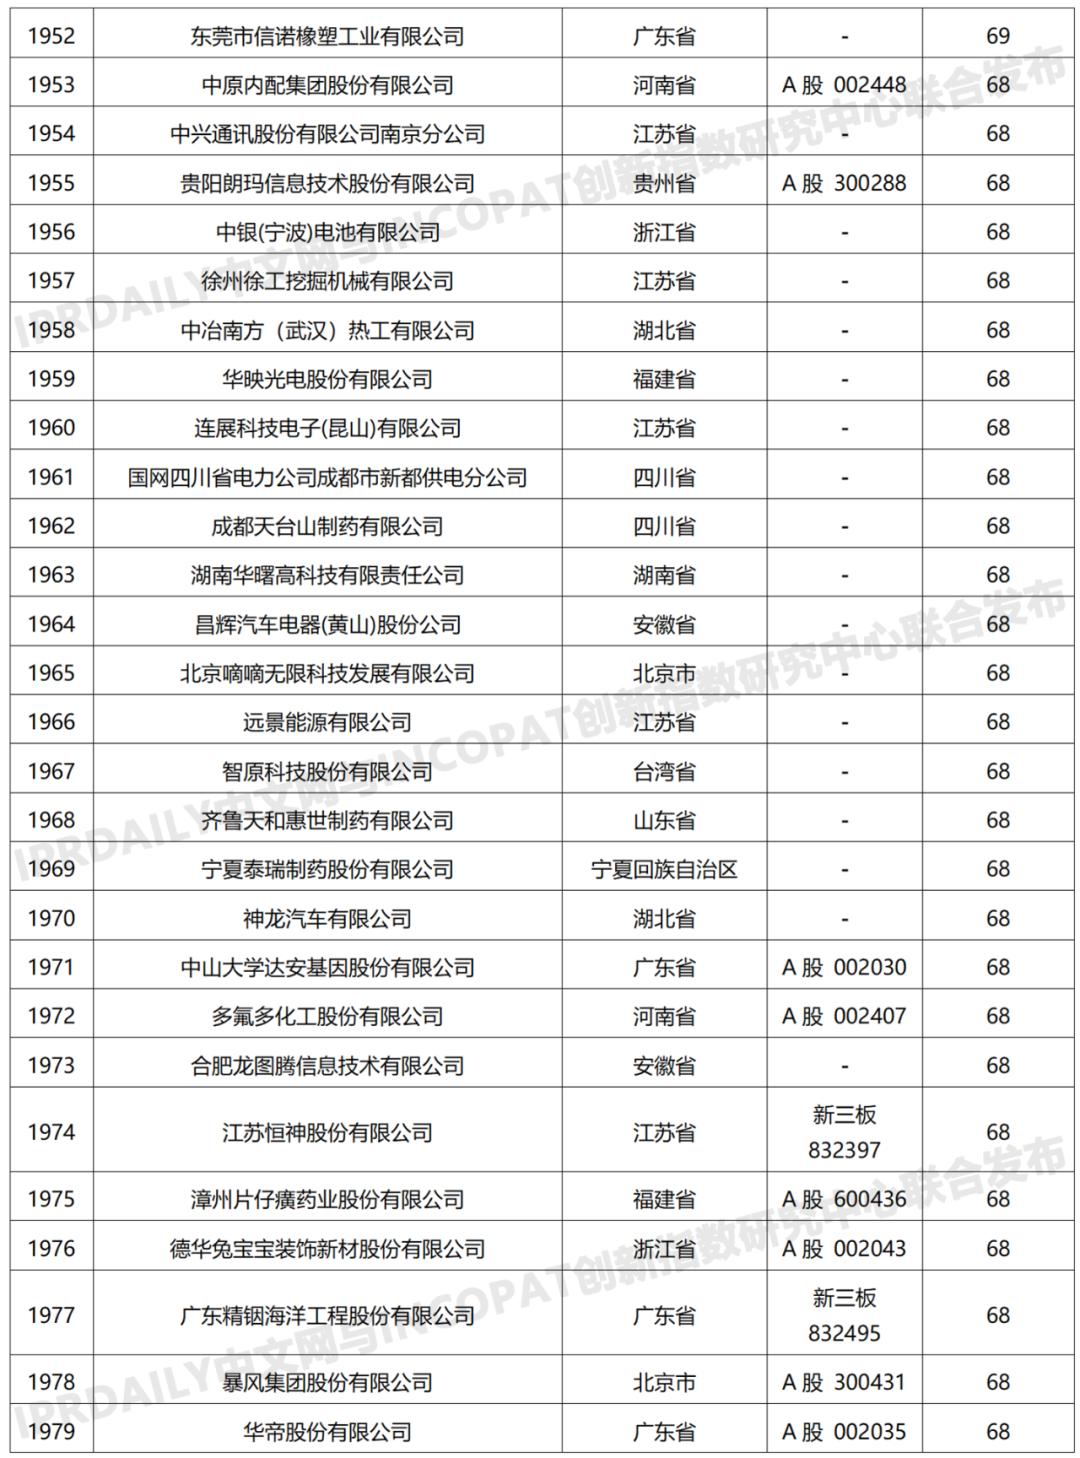 科创属性有效发明专利50项以上入榜企业名单